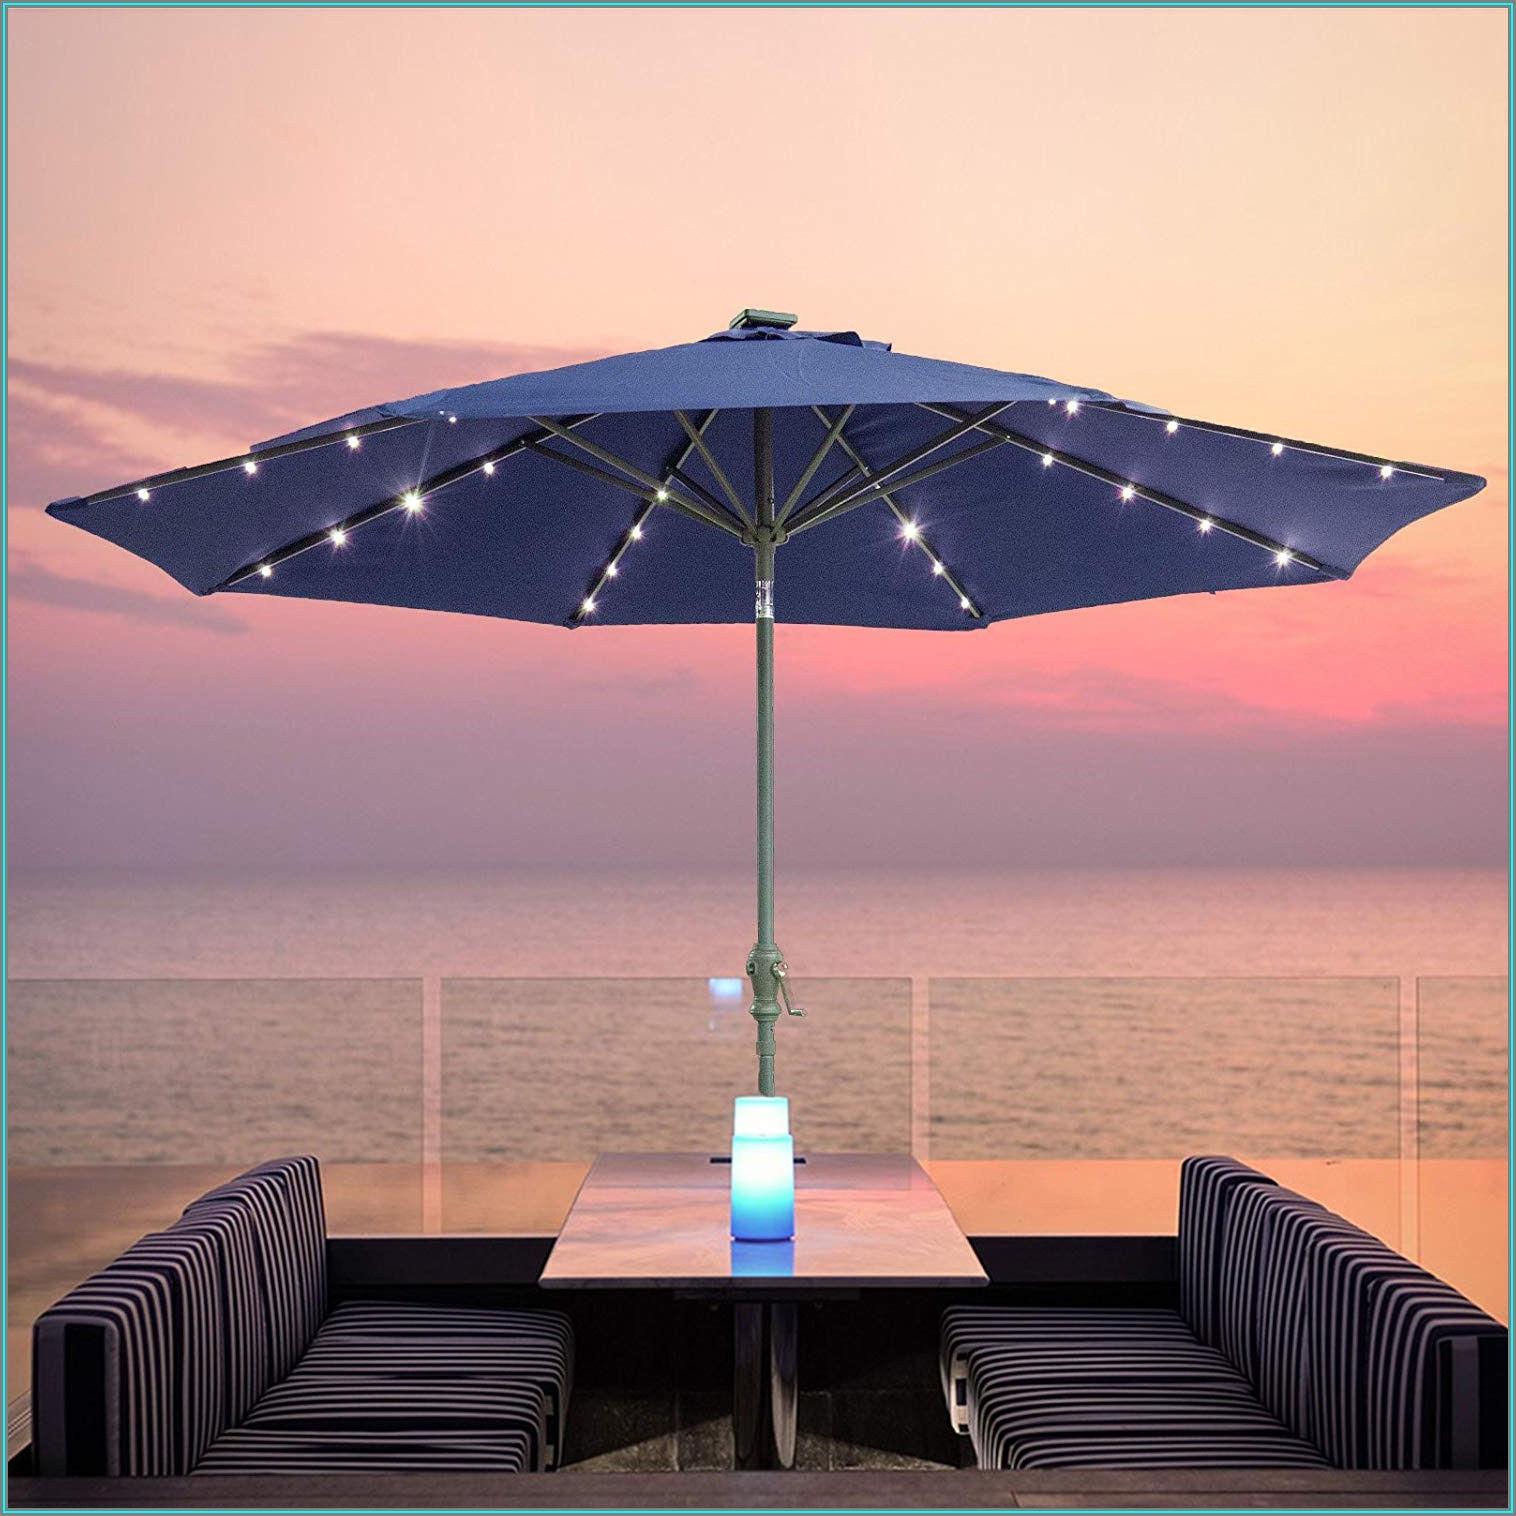 10 Solar Patio Umbrella